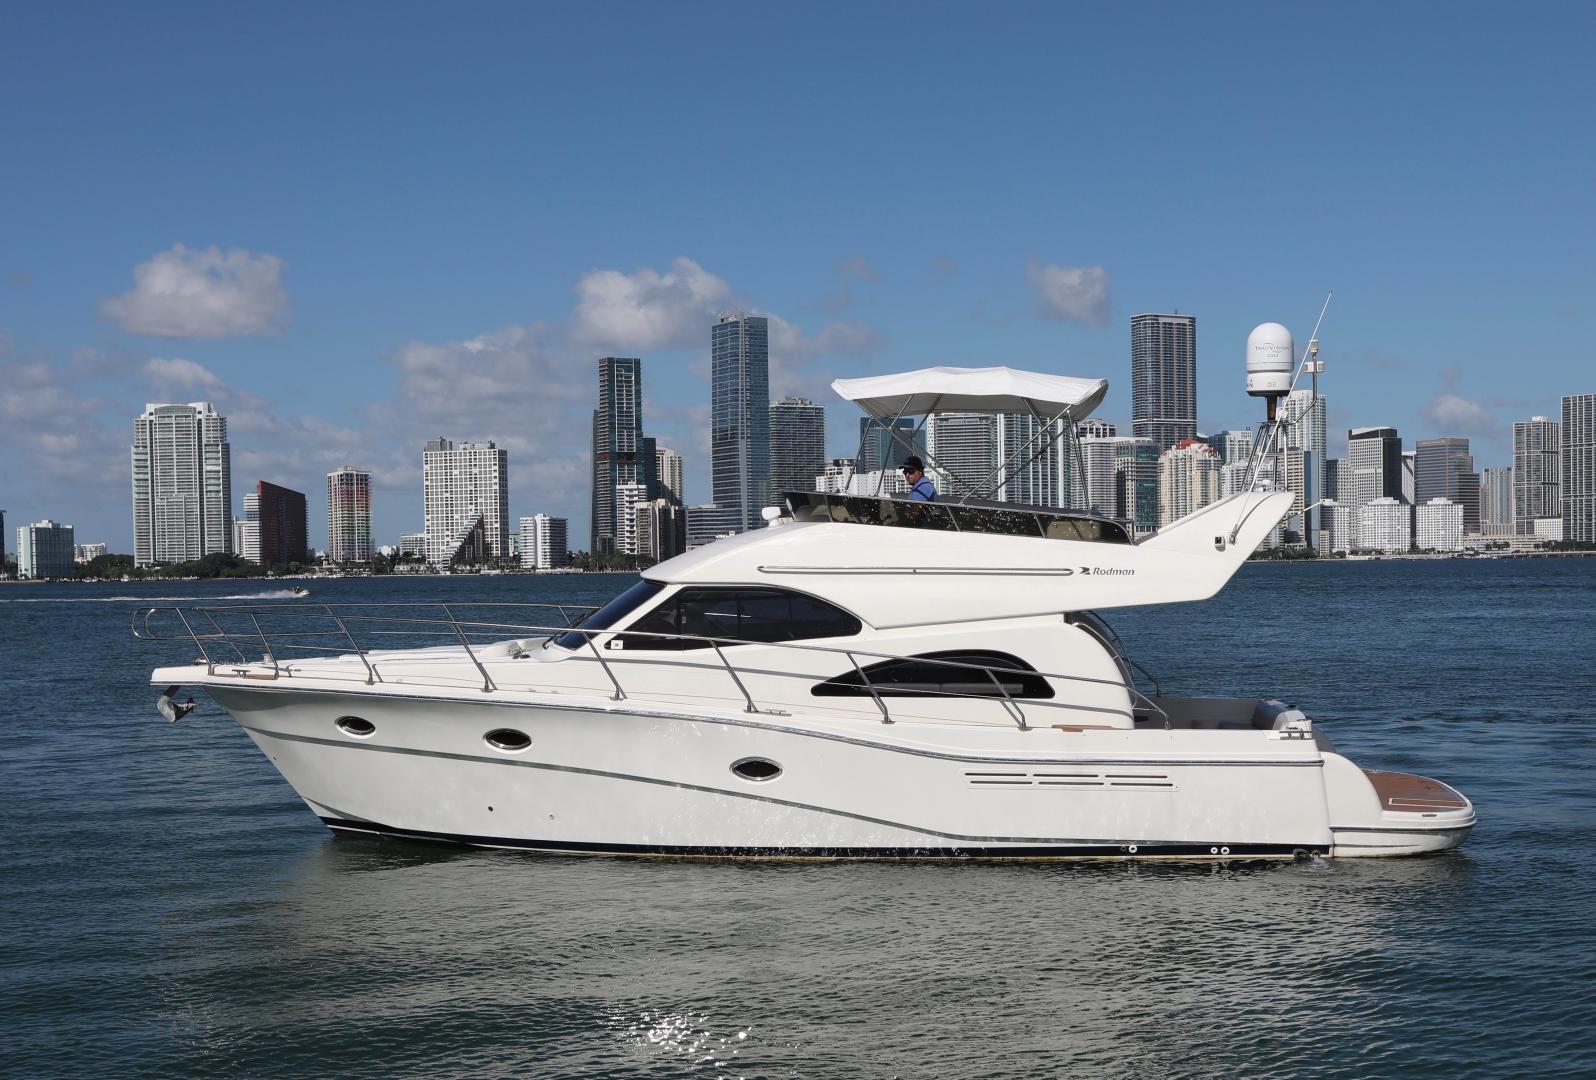 Rodman-Flybridge 2004-La Meli Miami Beach-Florida-United States-1566539 | Thumbnail